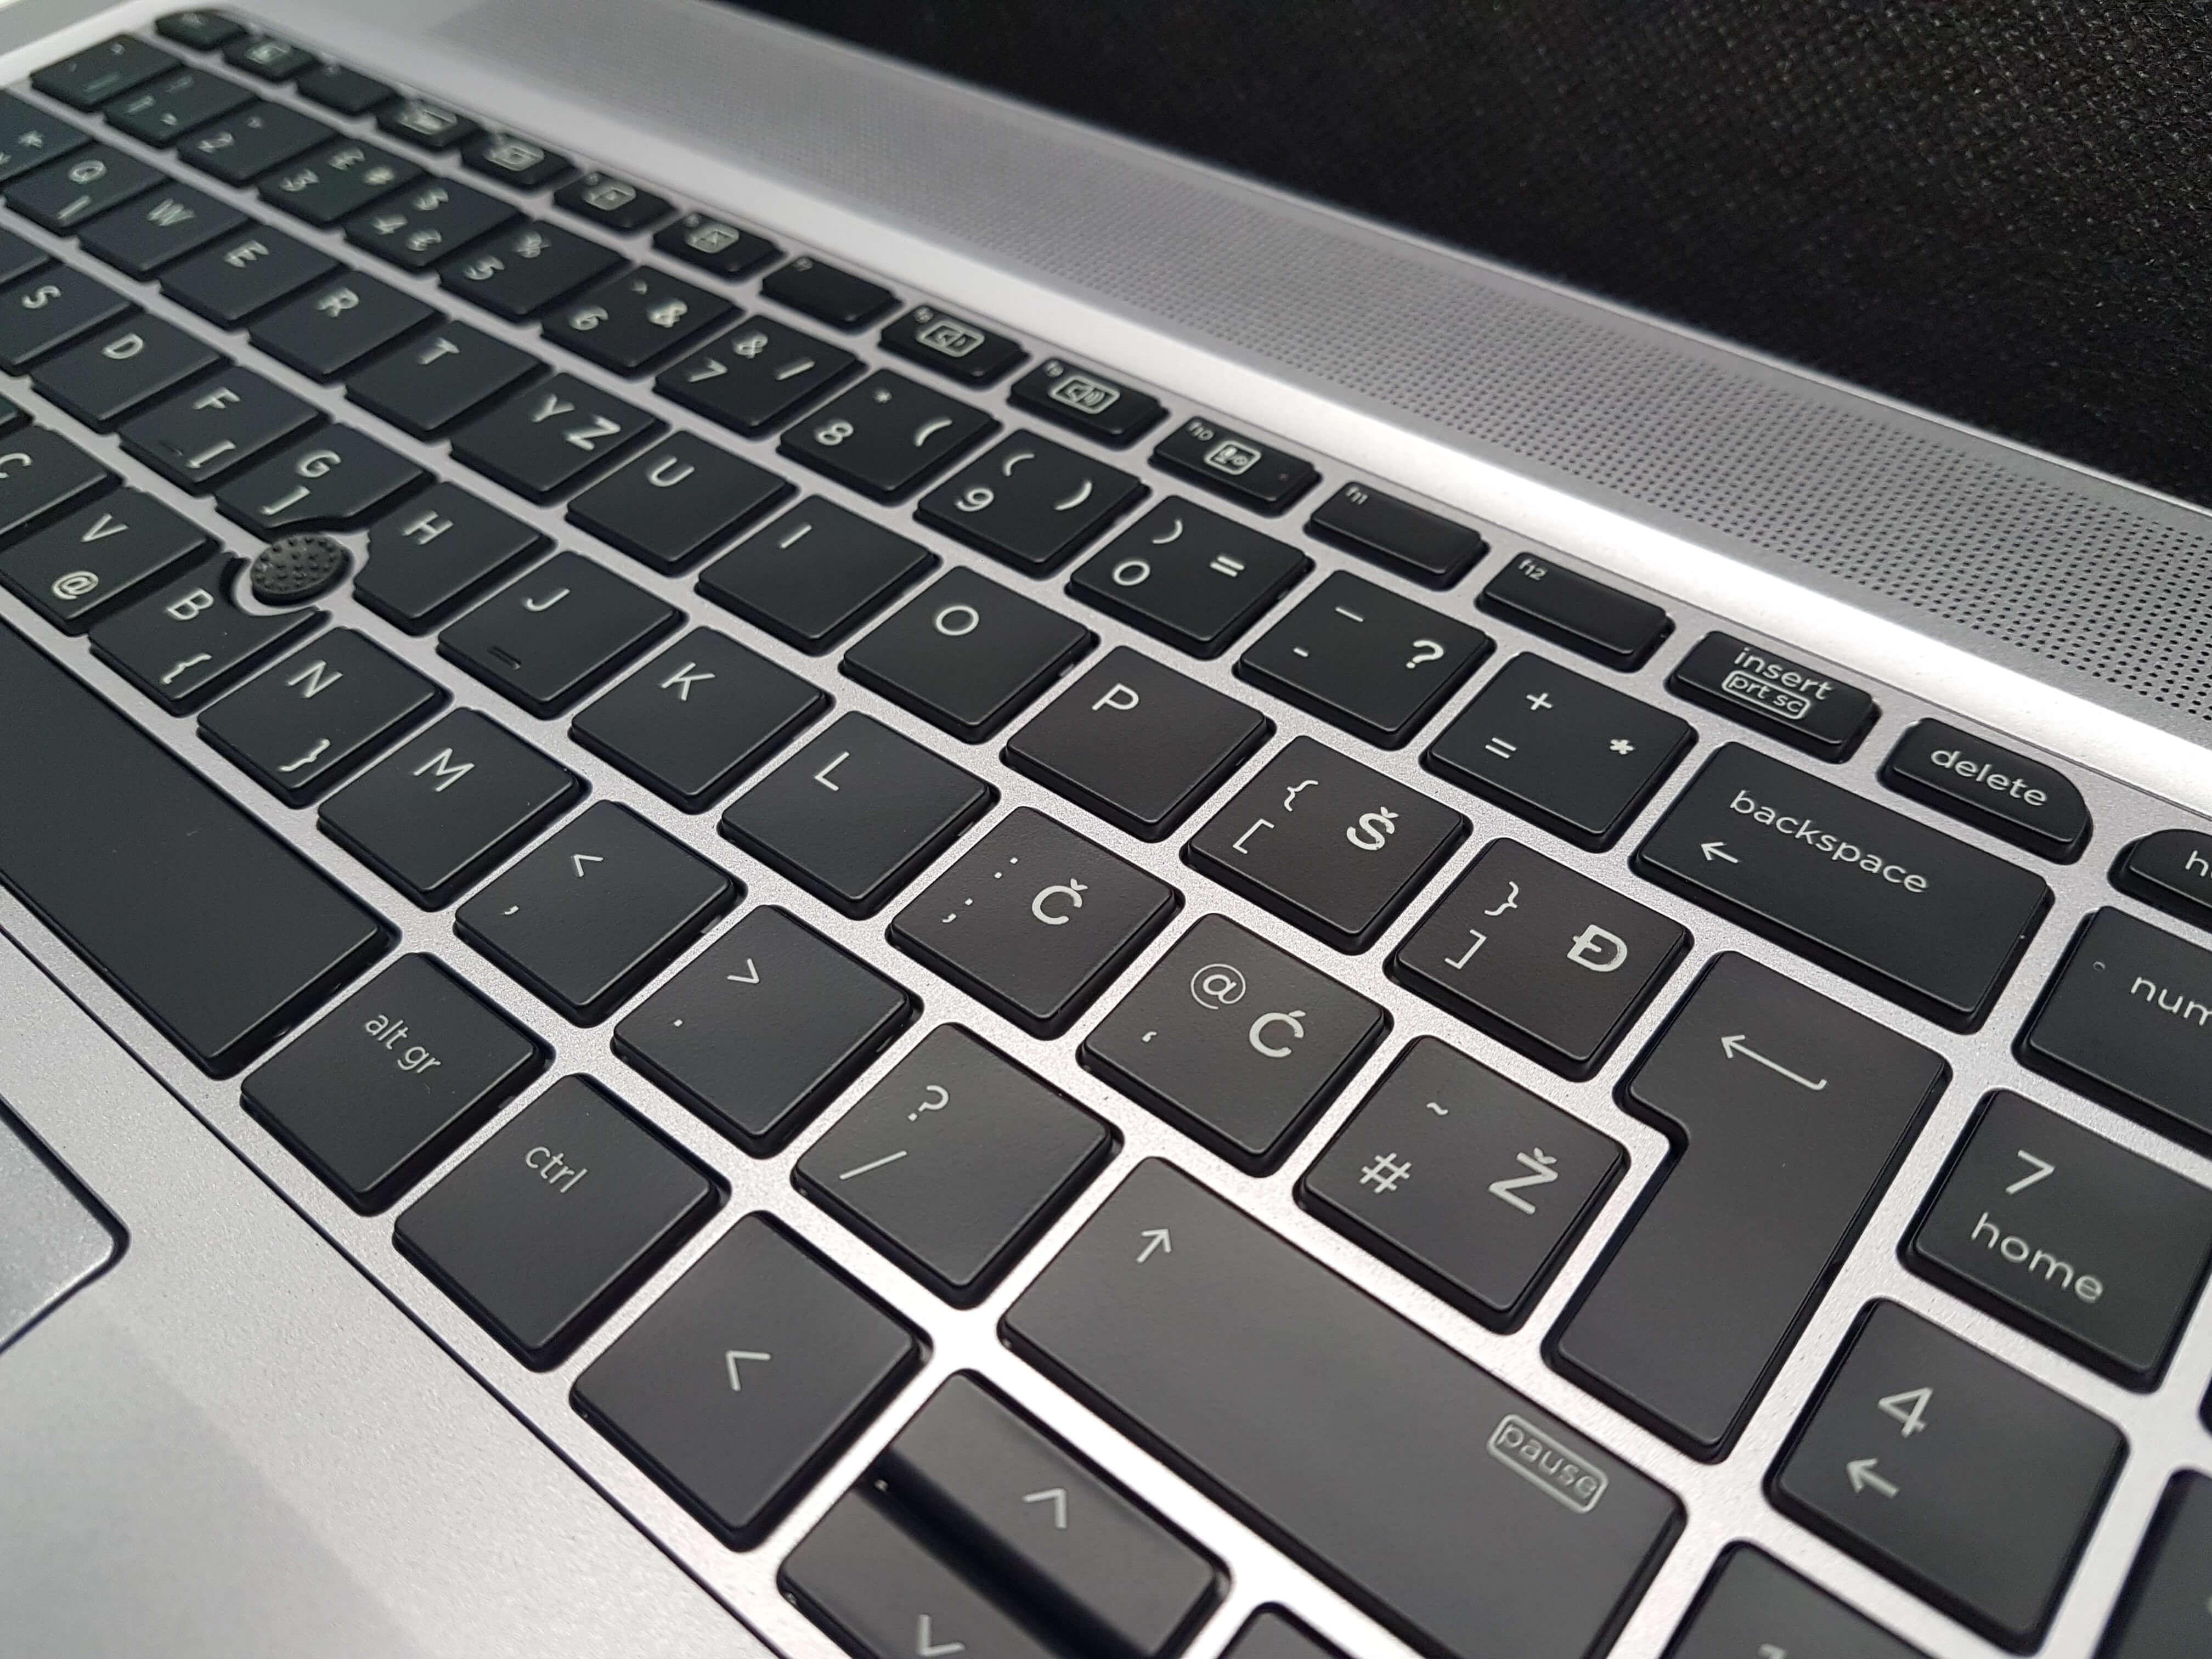 V PoceniPC.com vsem računalnikom že tako močno oklestijo ceno, za bralce Računalniških novic pa so pripravili stalen dodatni popust.